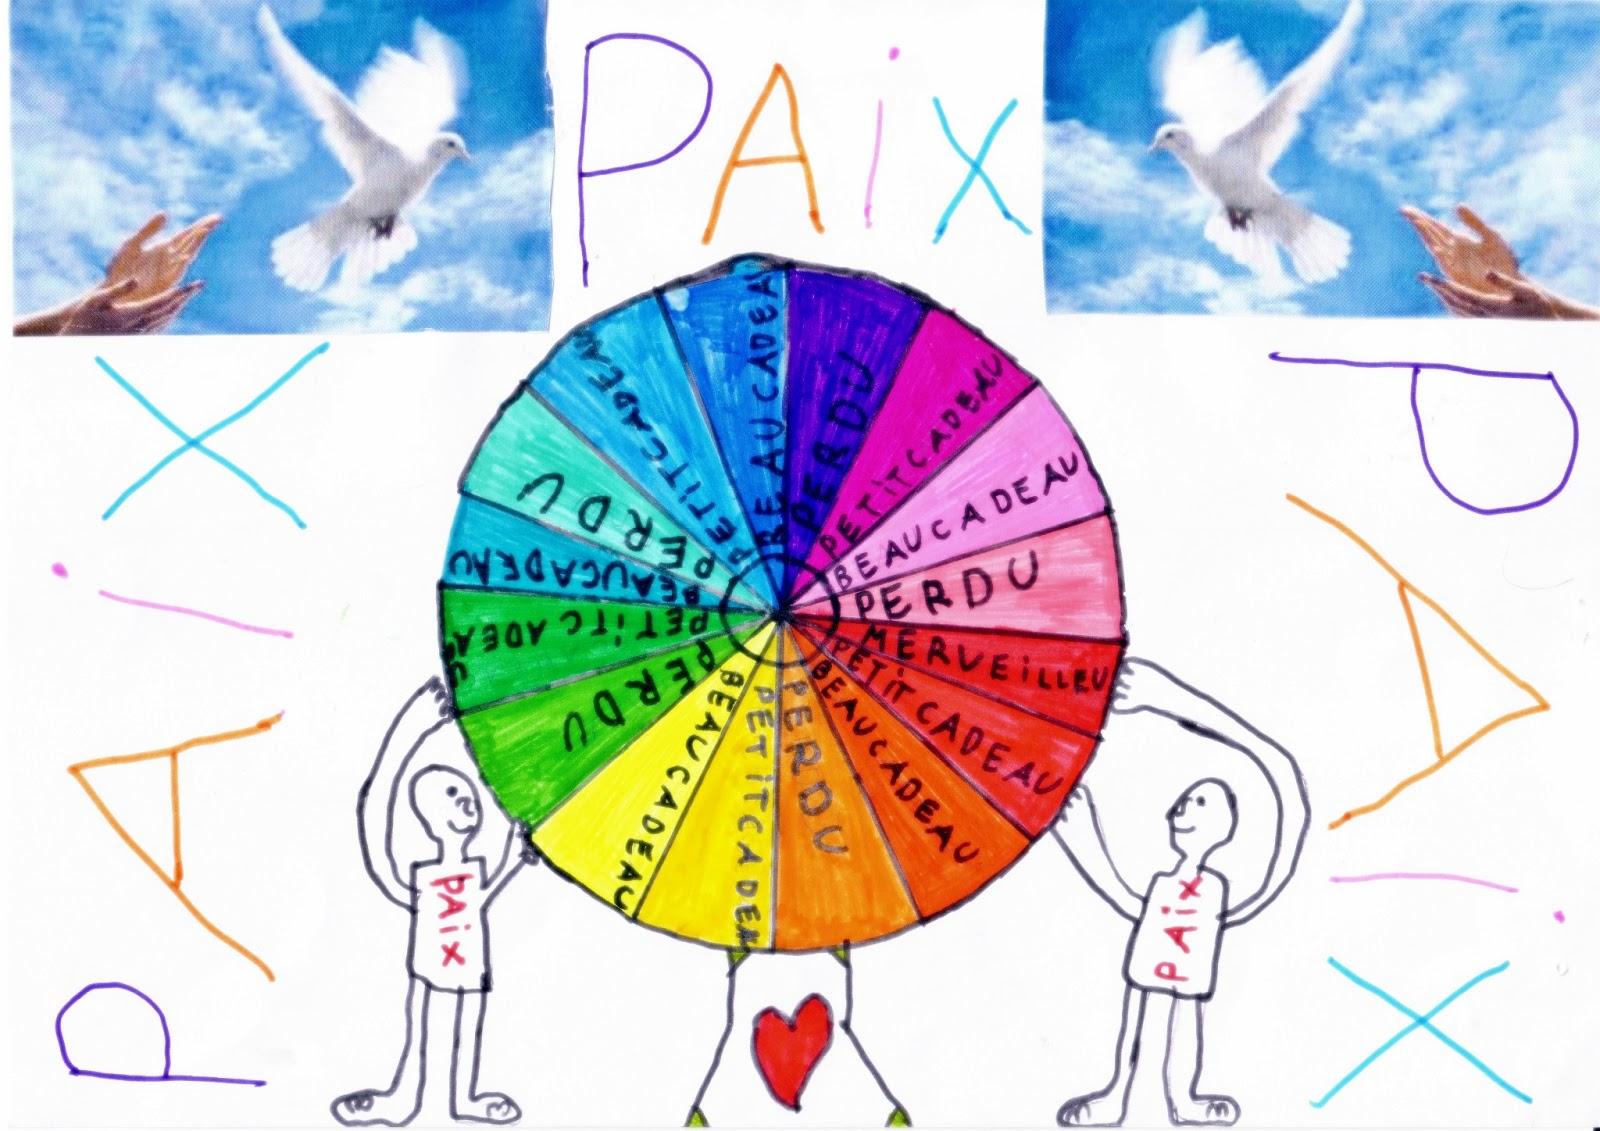 Rotary club de langres concours de dessins sur le theme de la paix dans le monde - Dessin sur la paix ...